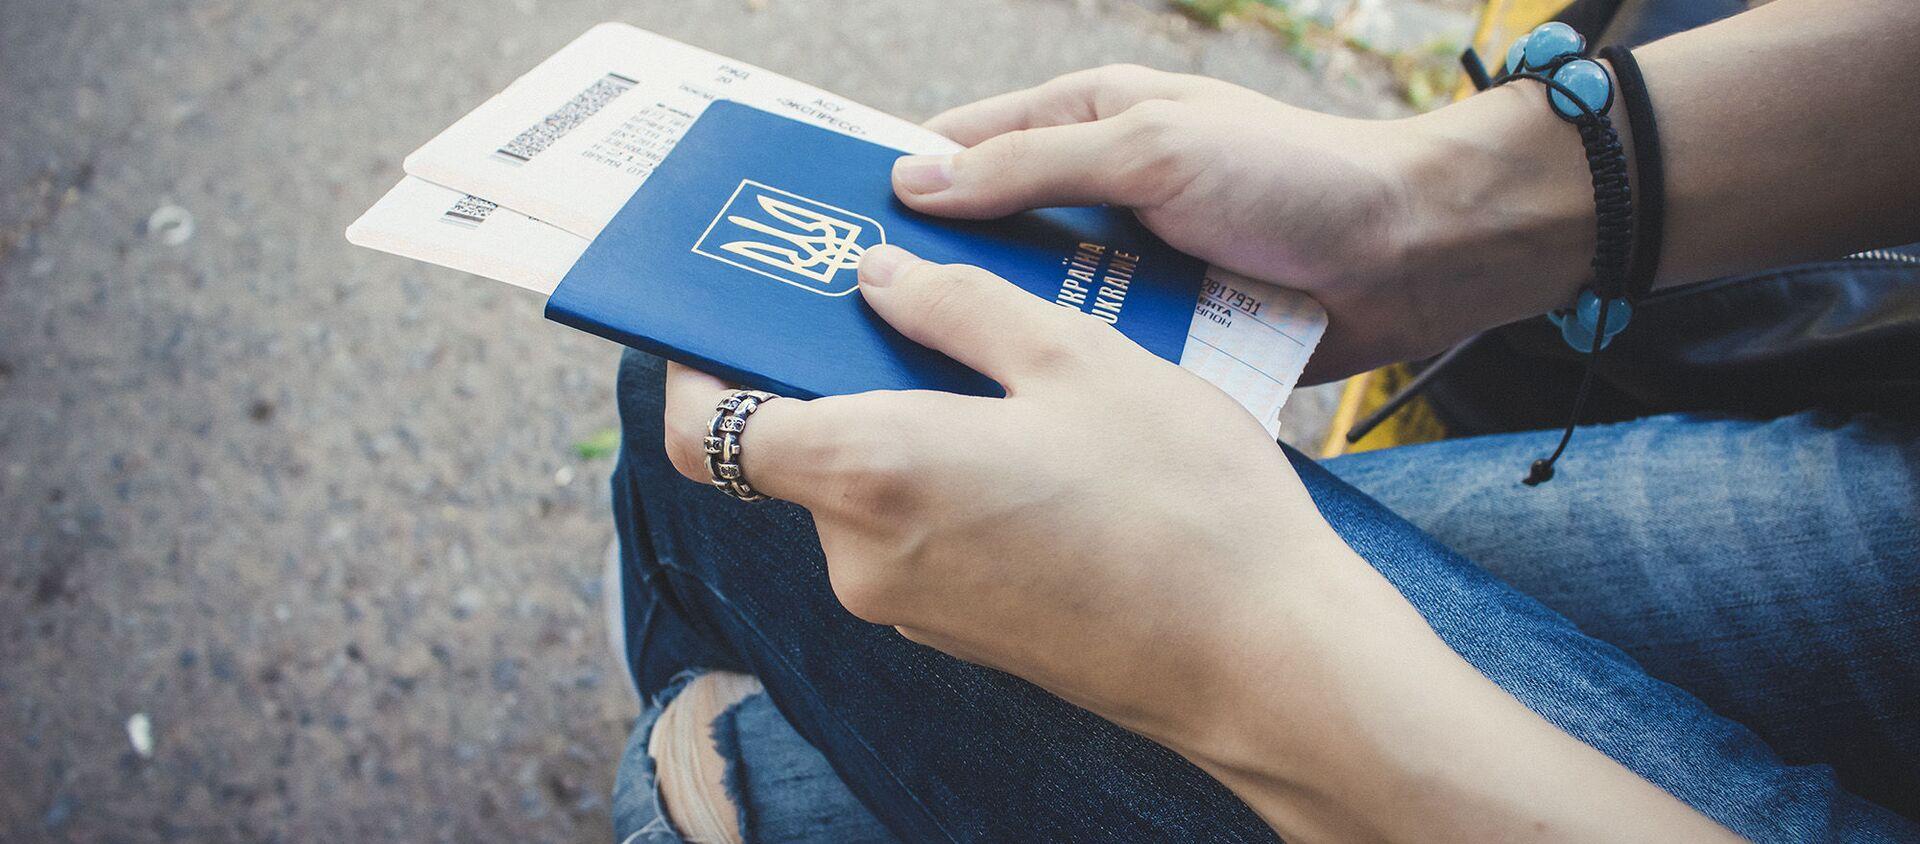 Dziewczynka z ukraińskim paszportem i biletami w ręku - Sputnik Polska, 1920, 07.08.2019